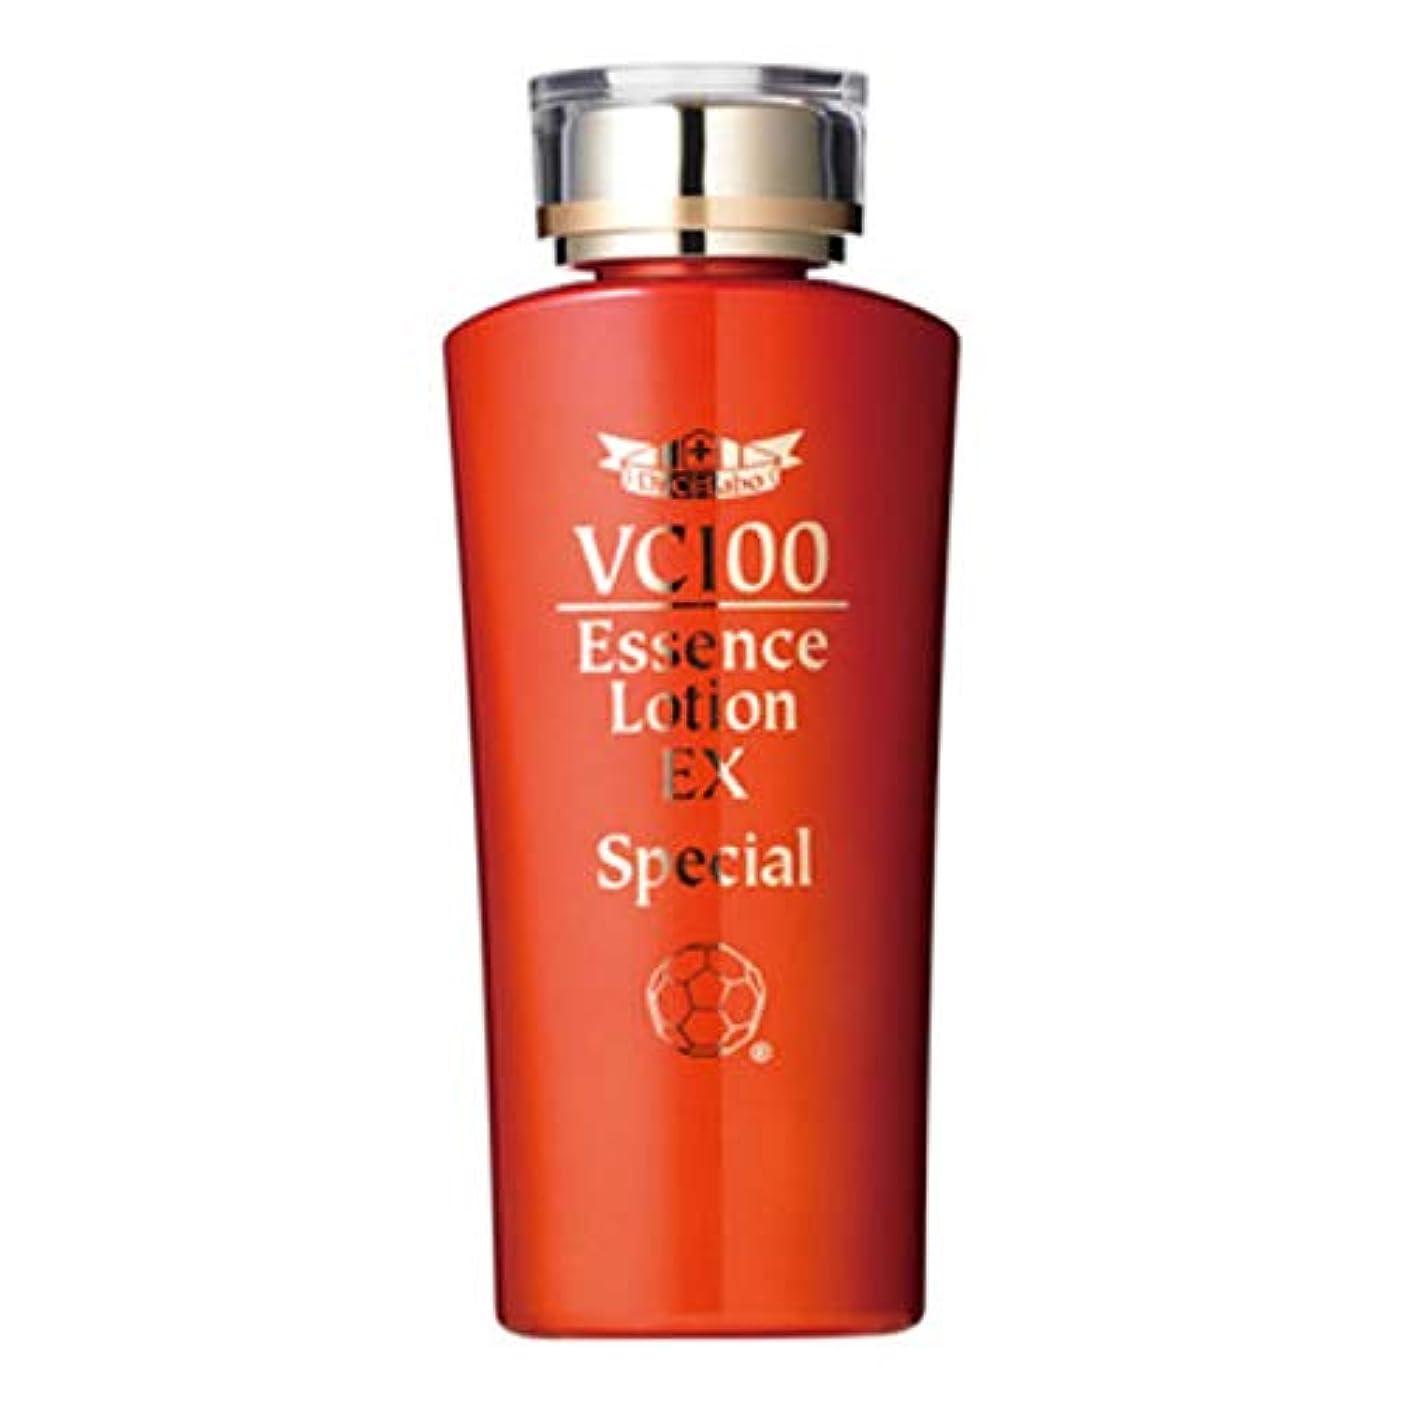 式唇近似ドクターシーラボ VC100エッセンスローションEXスペシャル 150ml 濃厚ビタミンC化粧水 [並行輸入品]